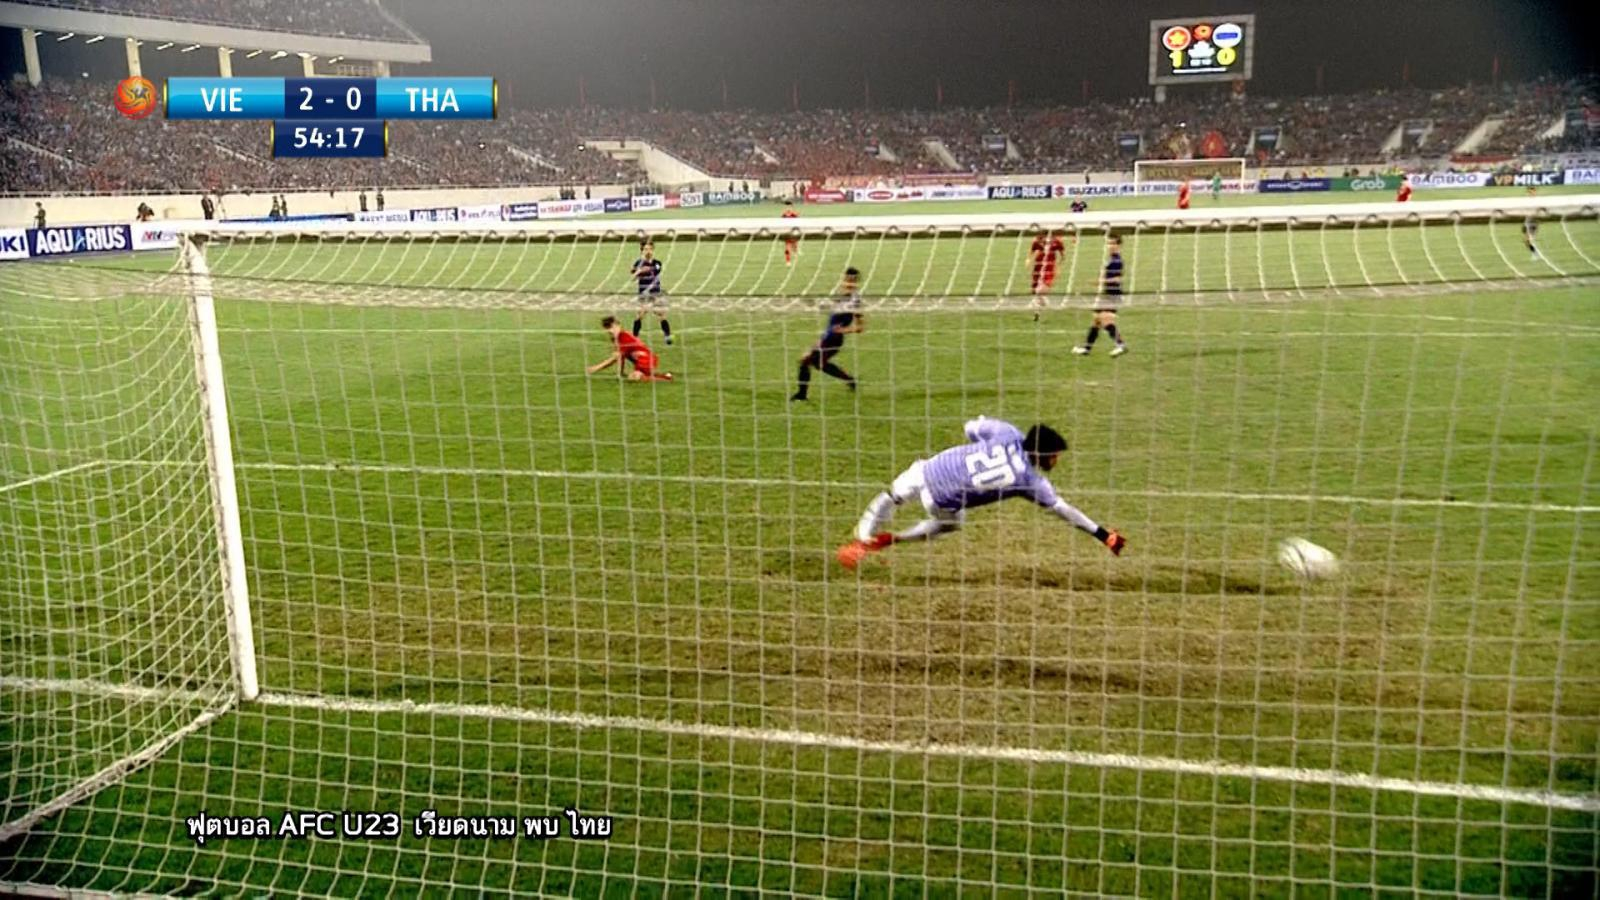 ทีมชาติเวียดนาม เอาชนะ ทีมชาติไทย 4 - 0